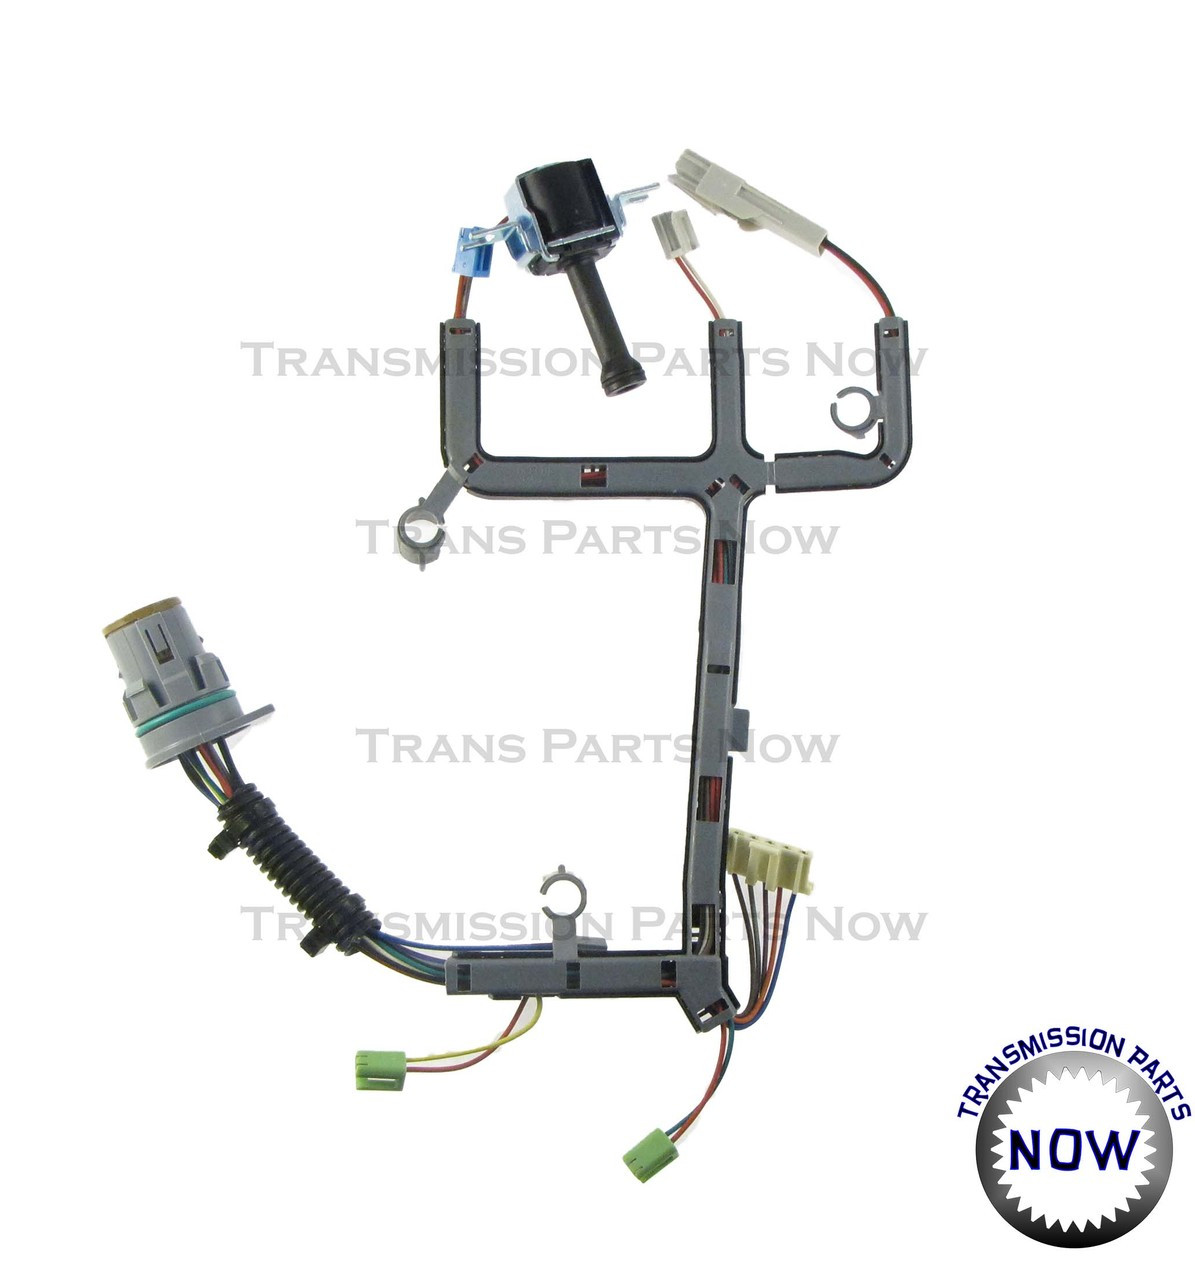 internal wire harness 2006 2008 rostra w iss 51869p [ 1195 x 1280 Pixel ]